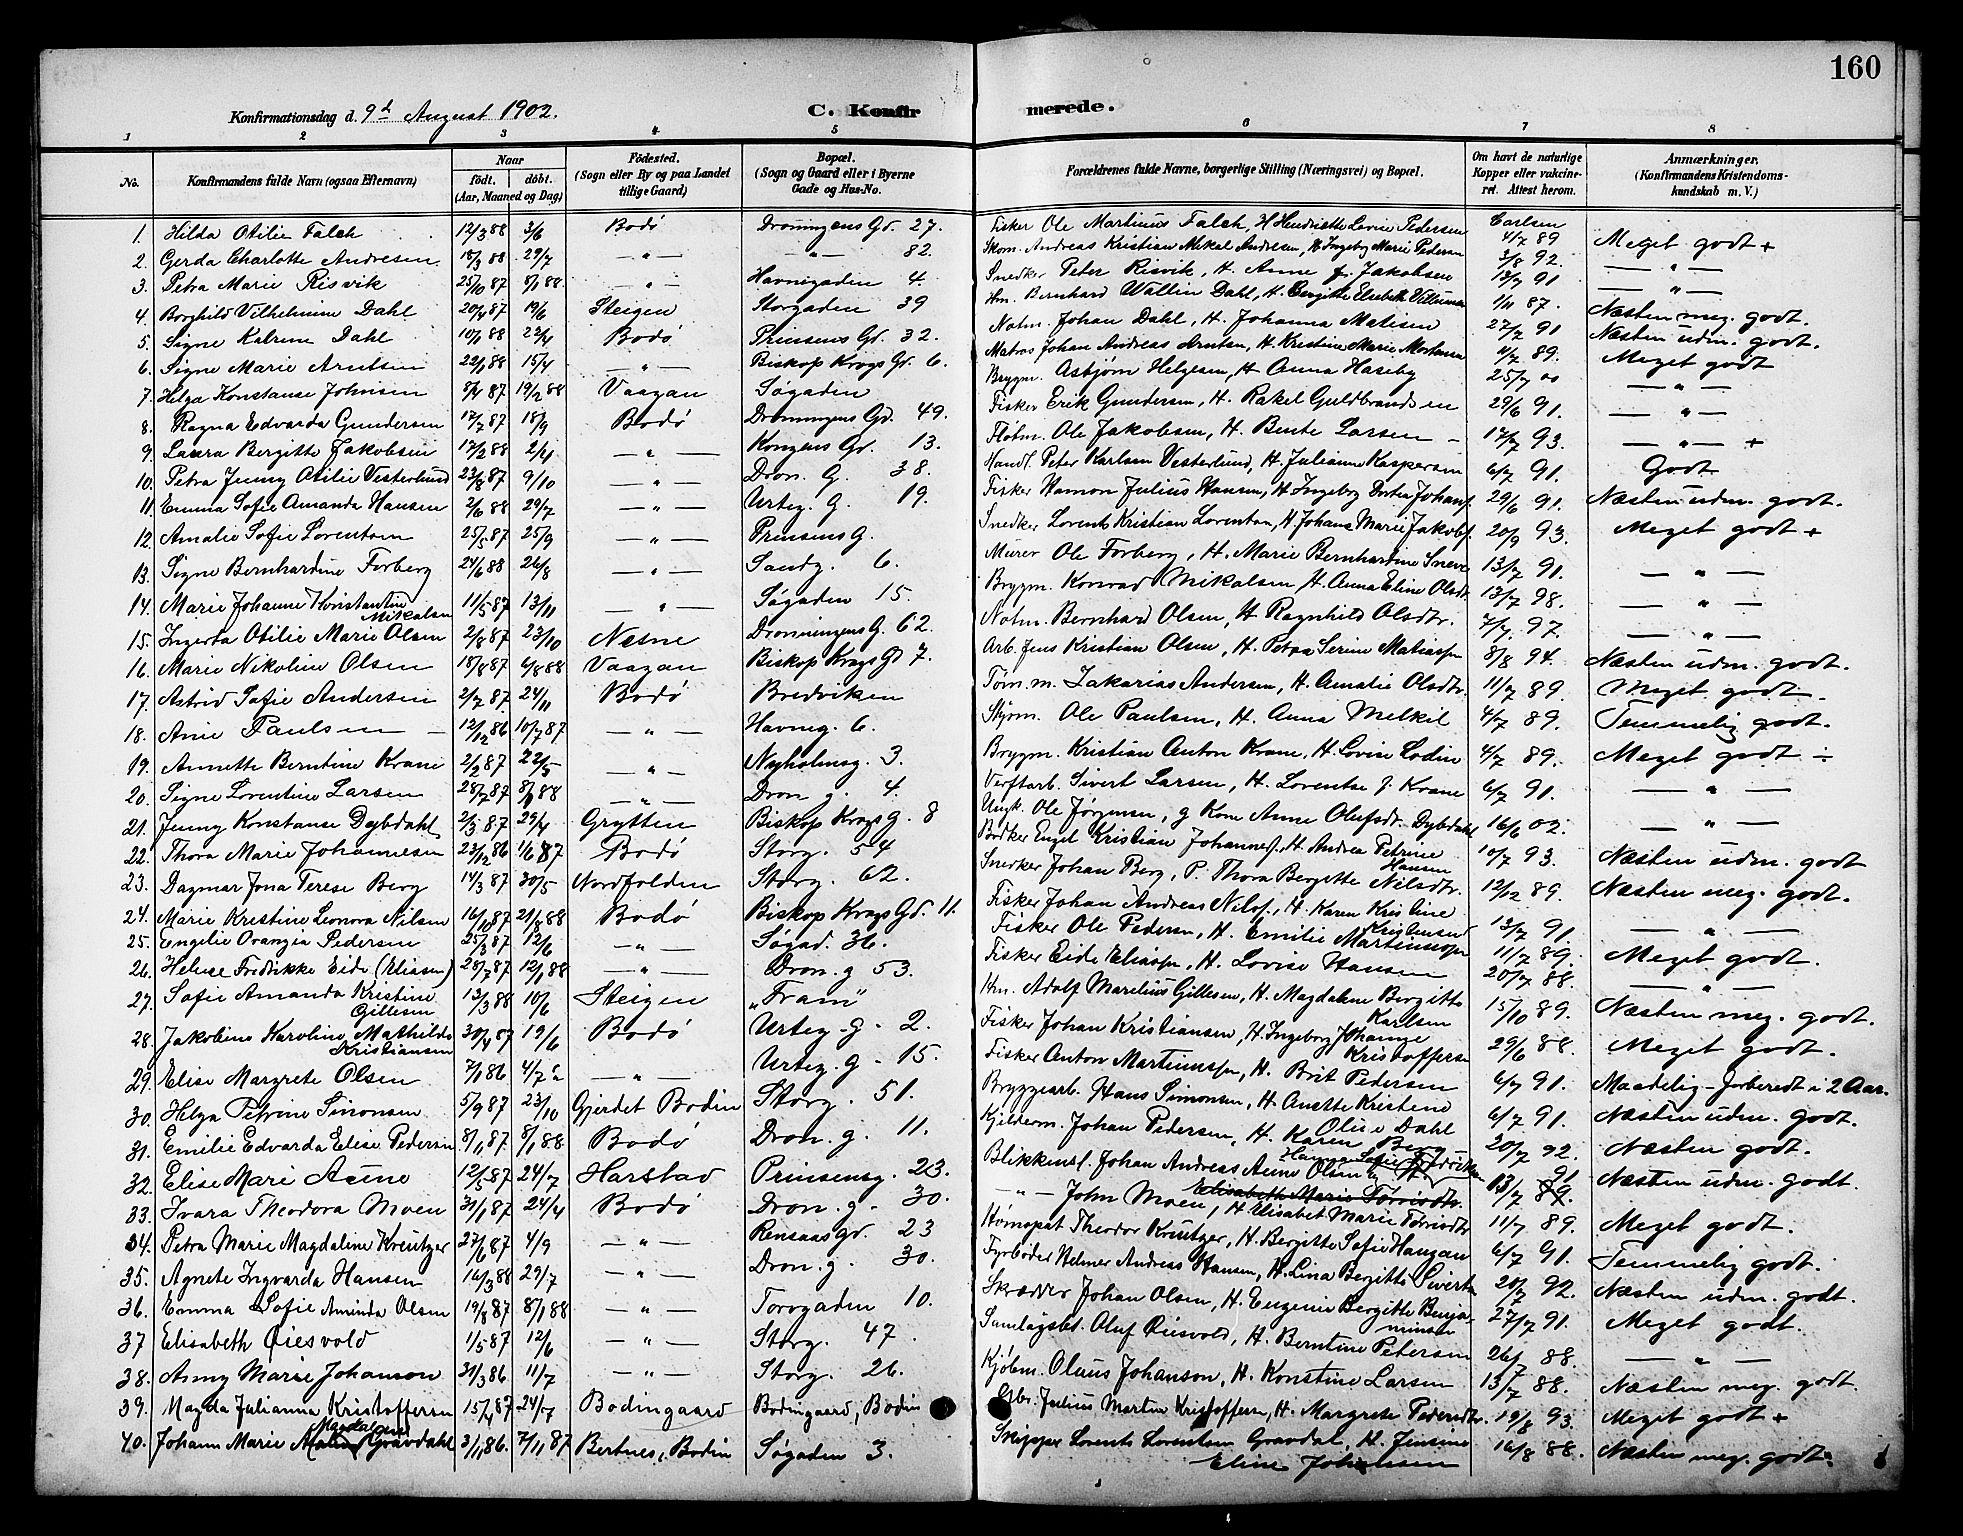 SAT, Ministerialprotokoller, klokkerbøker og fødselsregistre - Nordland, 801/L0033: Parish register (copy) no. 801C08, 1898-1910, p. 160